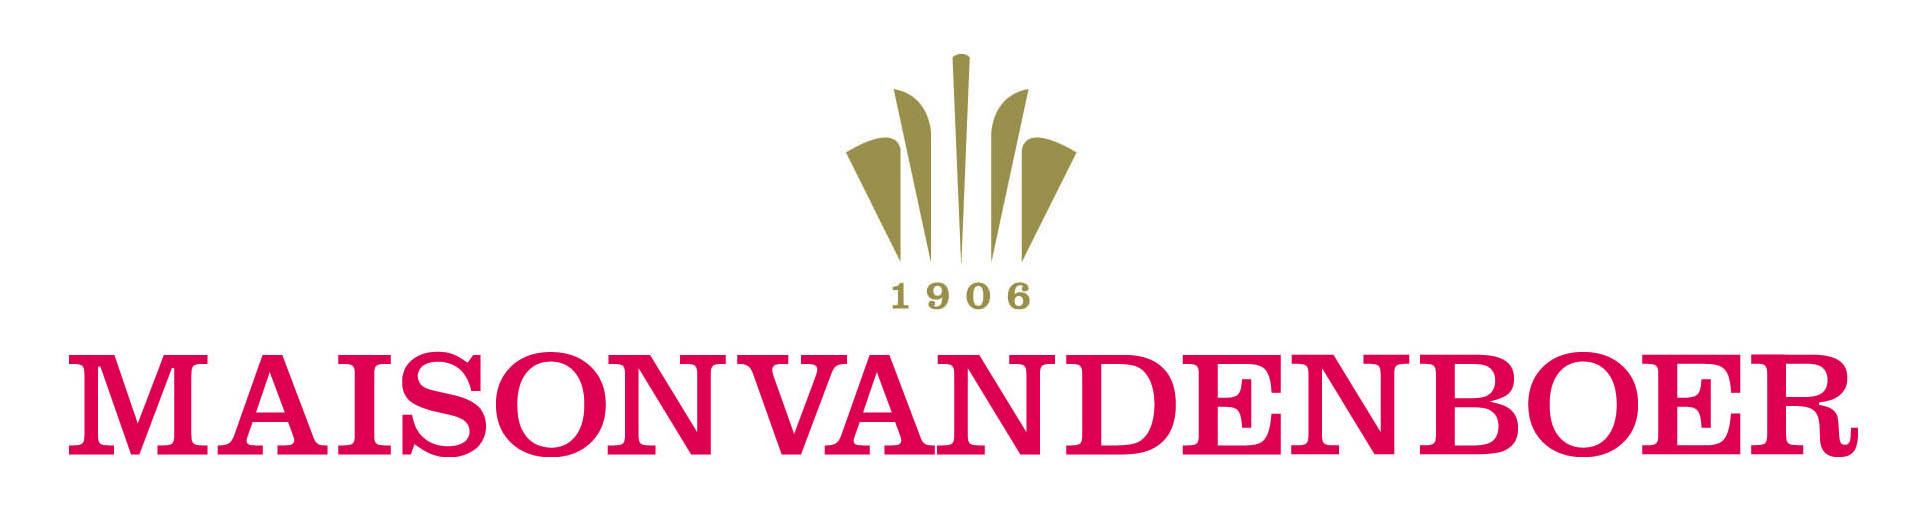 logo_maison_van_den_boer.jpg